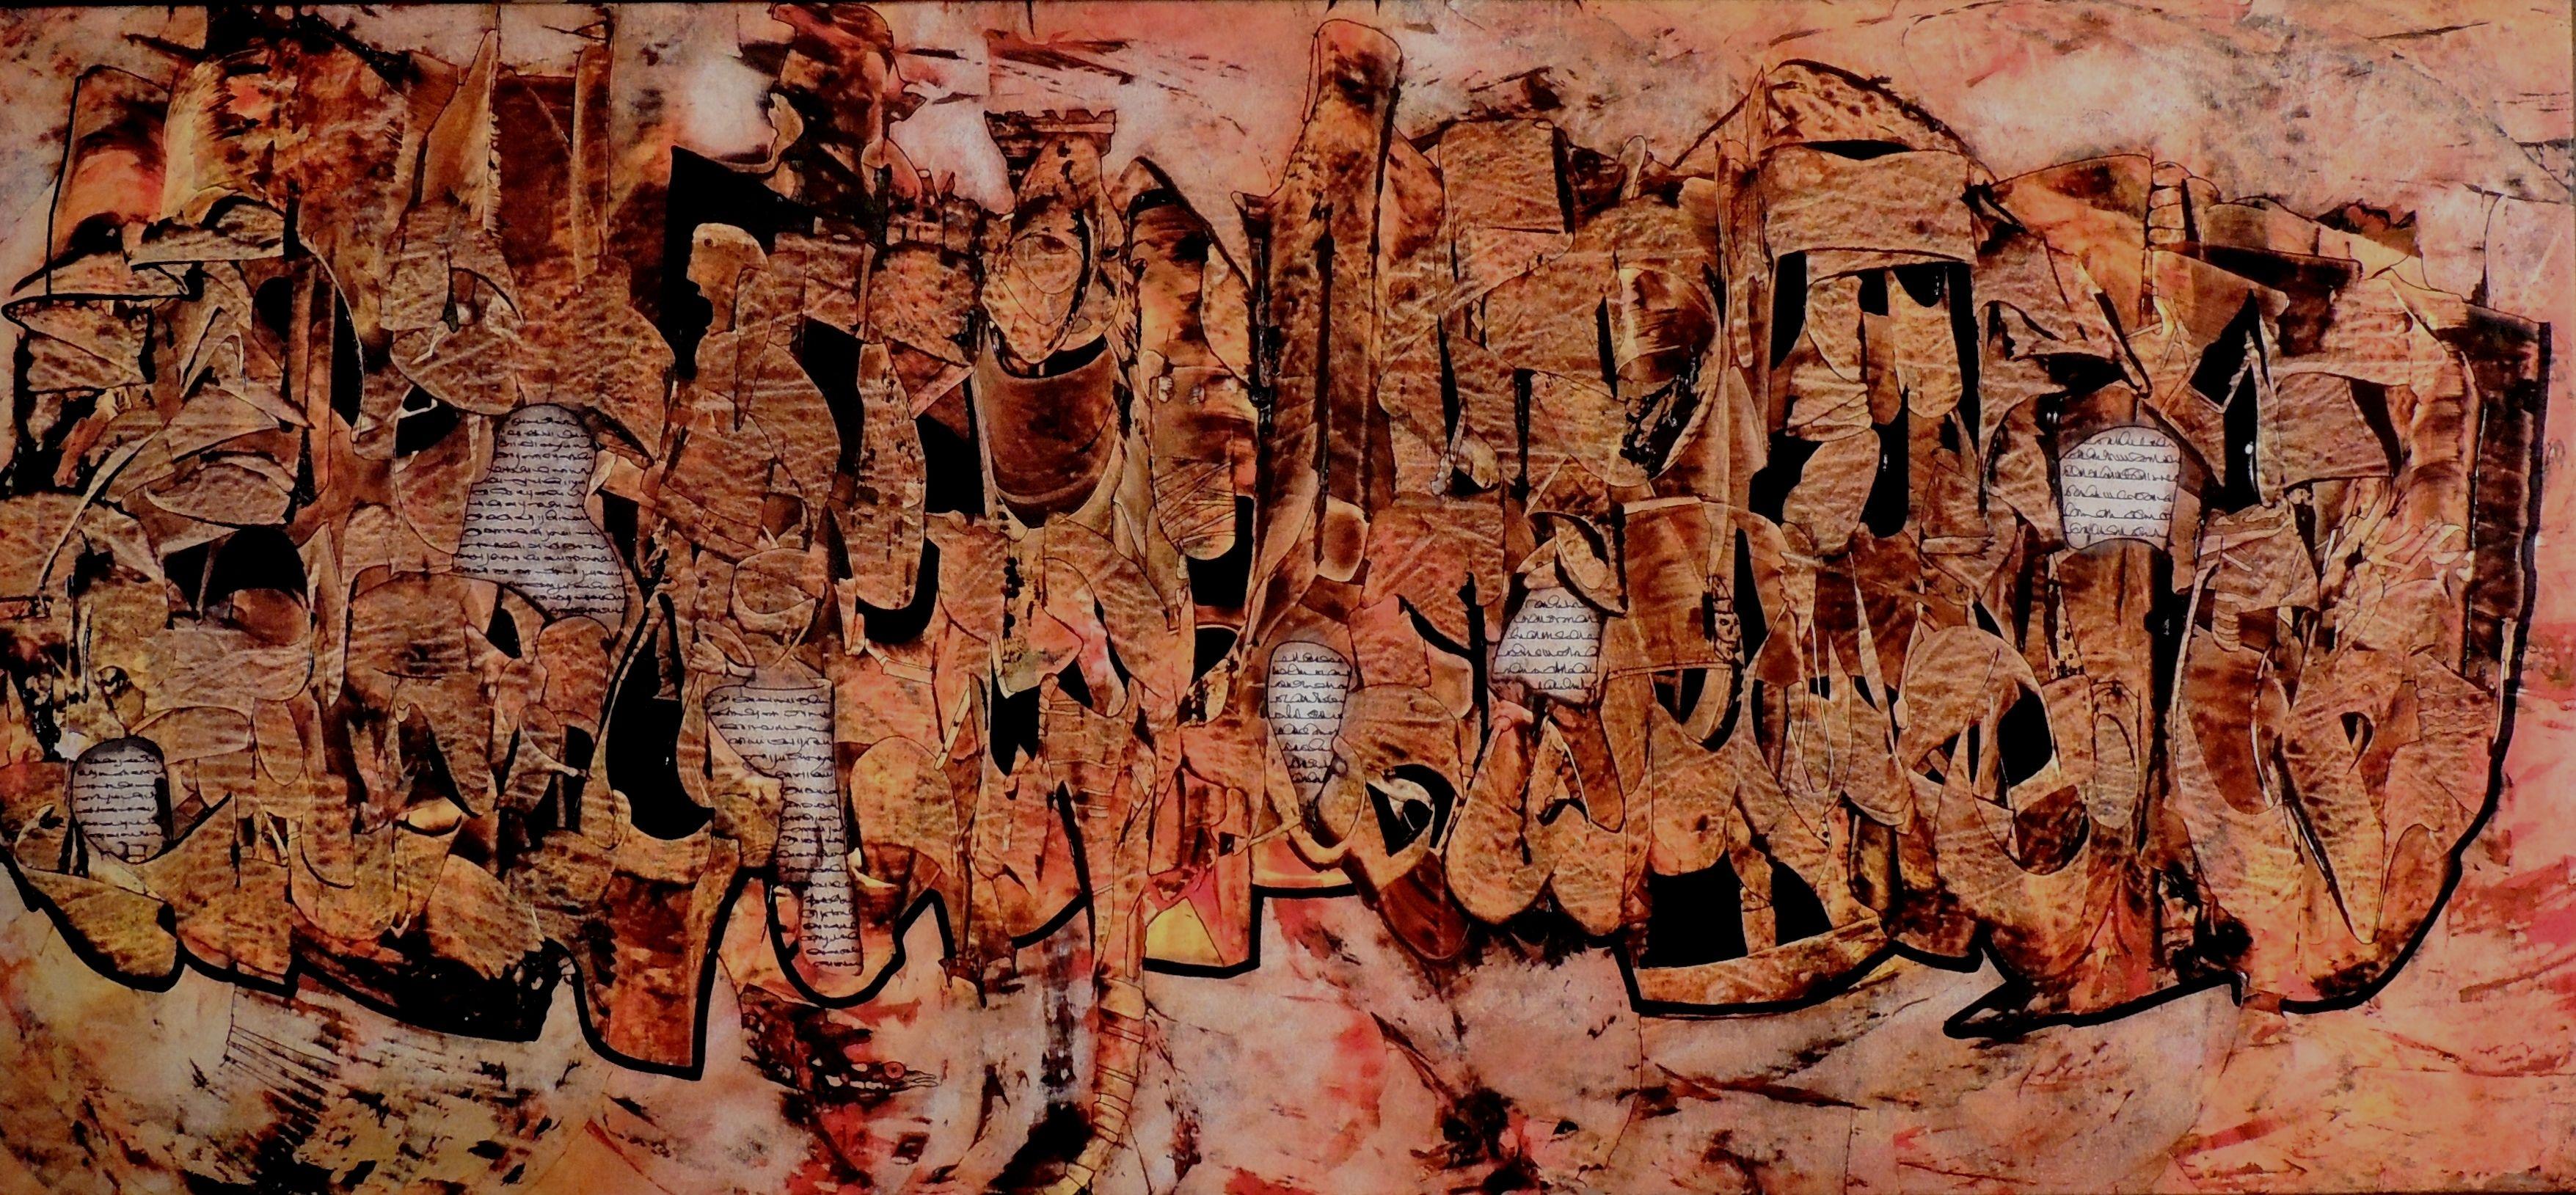 le-chant-brulant-des-cenotaphes-1-savi-peinture